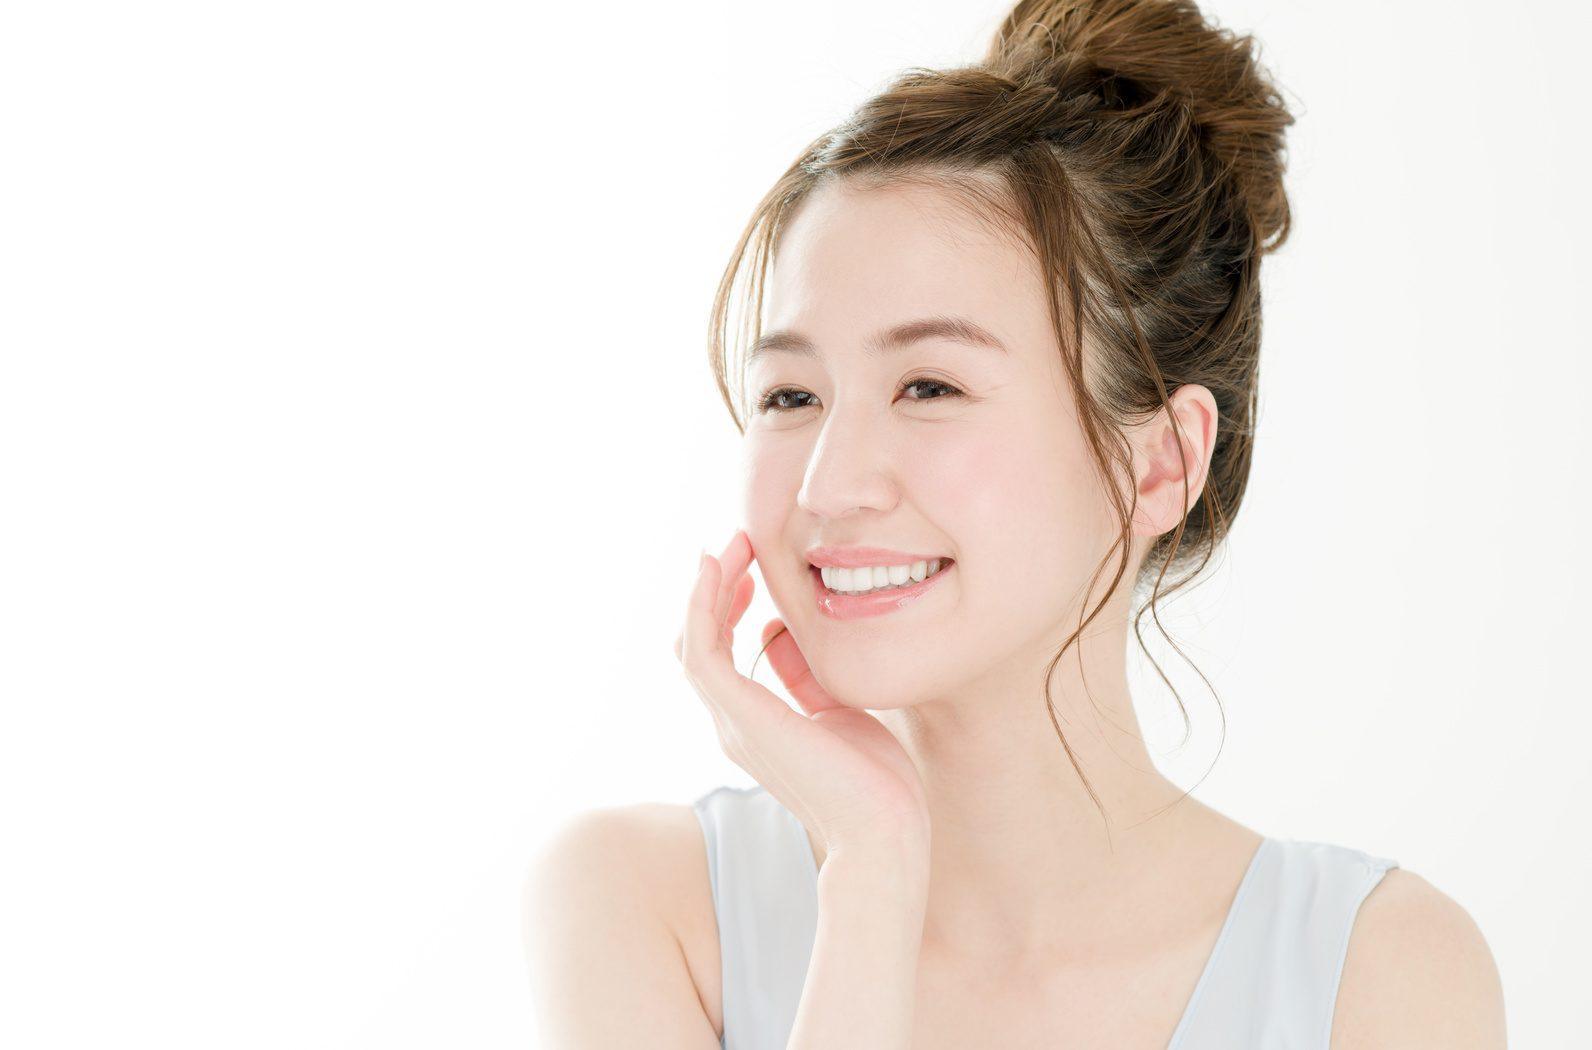 美容液を使うタイミングは、何歳からなのか?